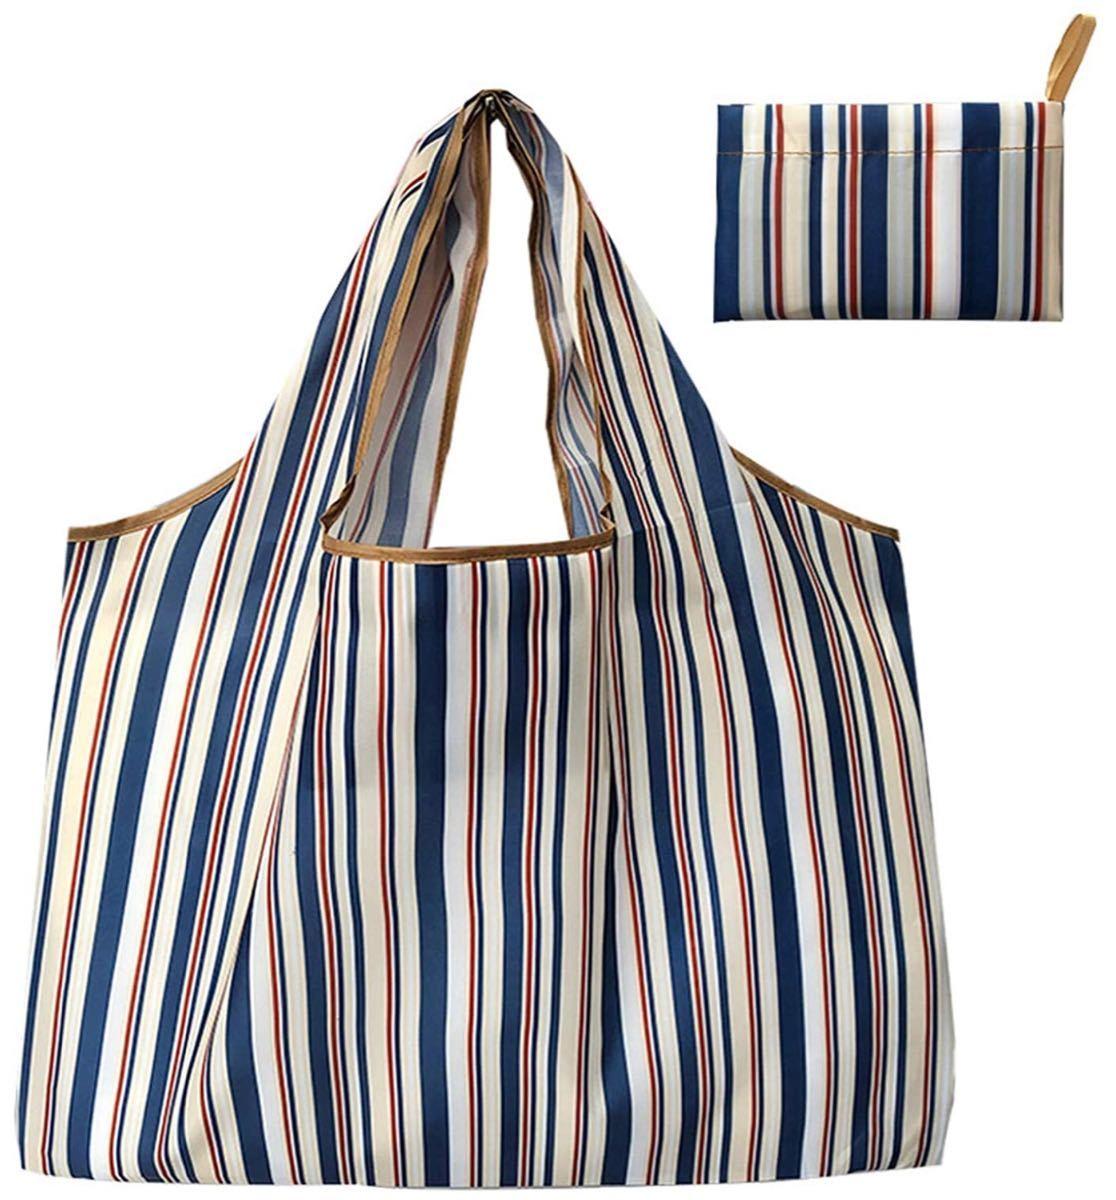 エコバッグ 折りたたみ 買い物袋 防水素材 大容量